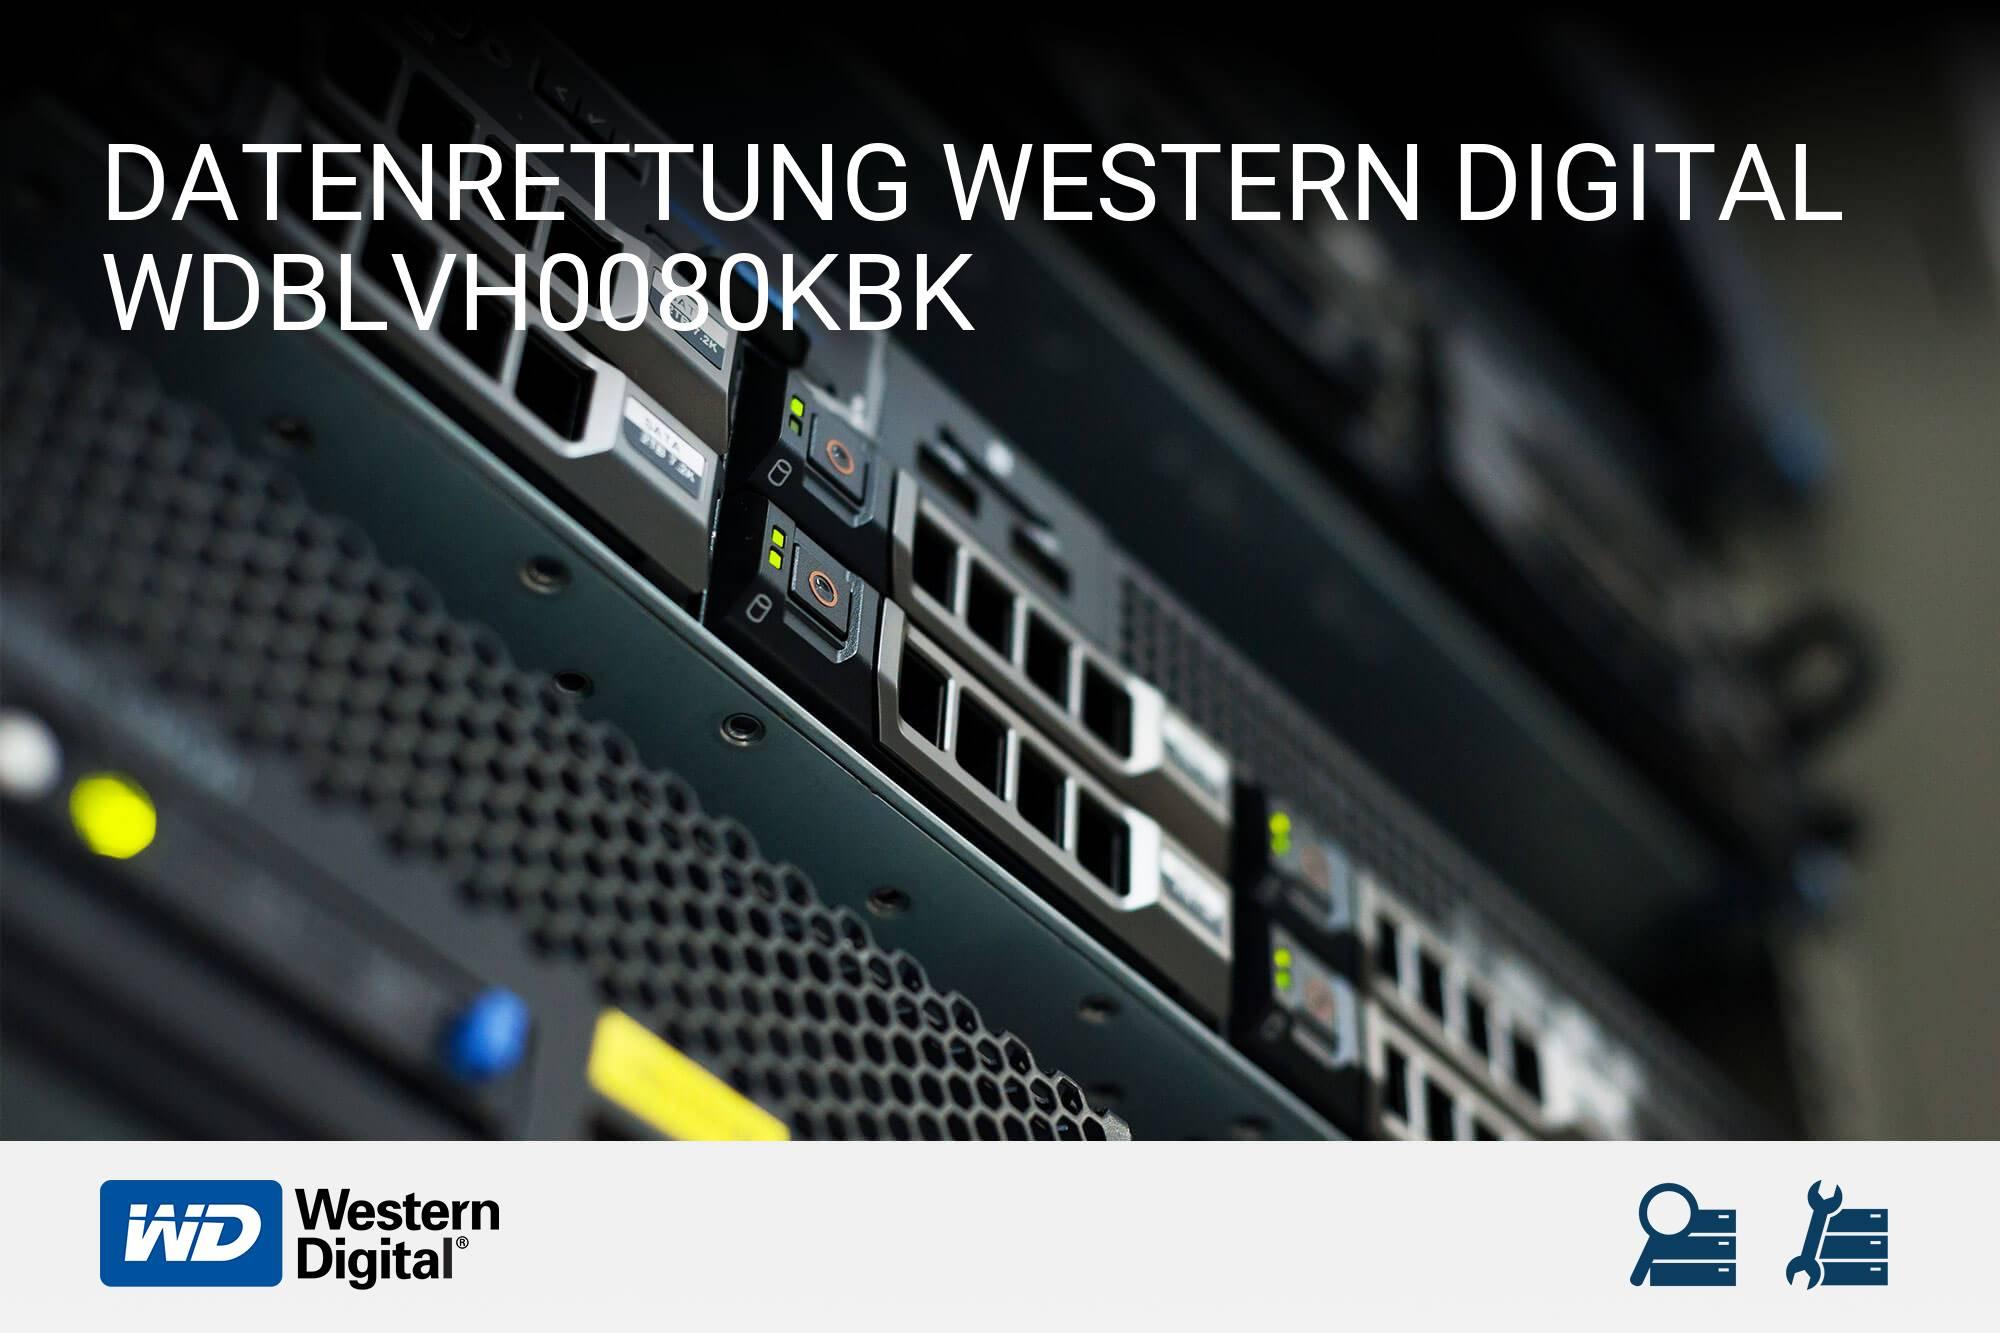 Western Digital WDBLVH0080KBK